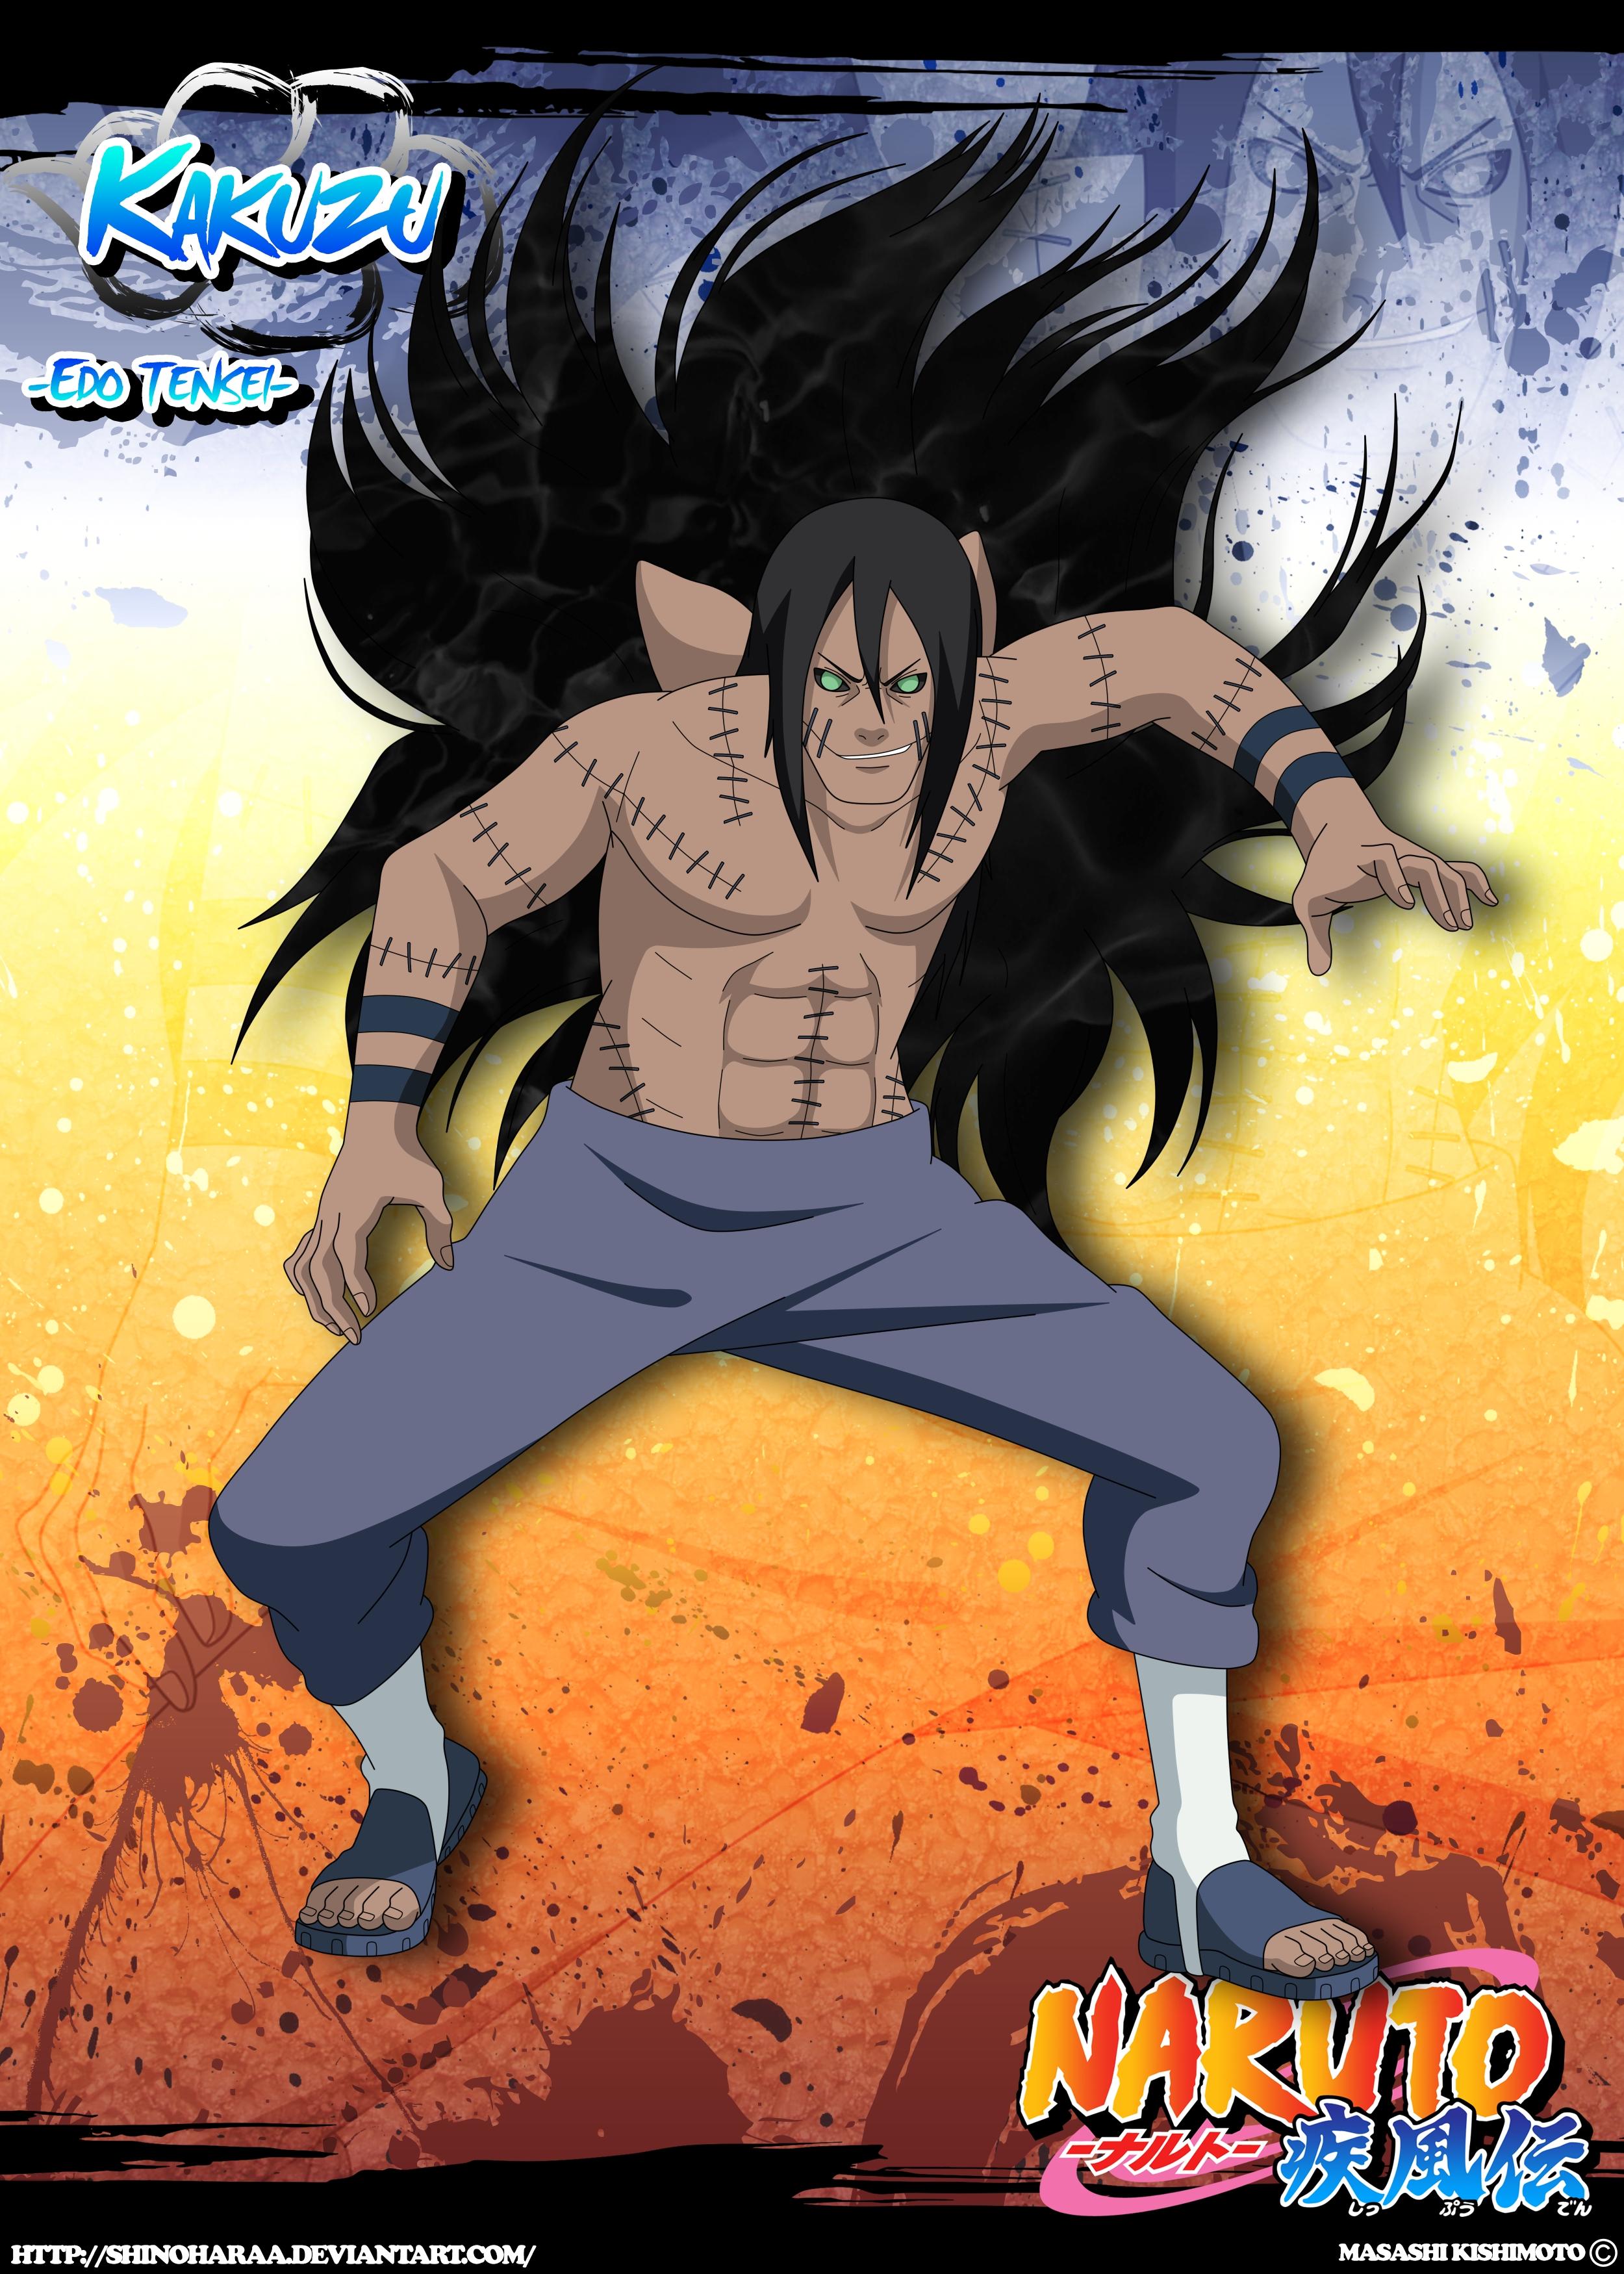 Kakuzu - NARUTO: SHIPPŪDEN   page 3 of 5 - Zerochan Anime Image Board